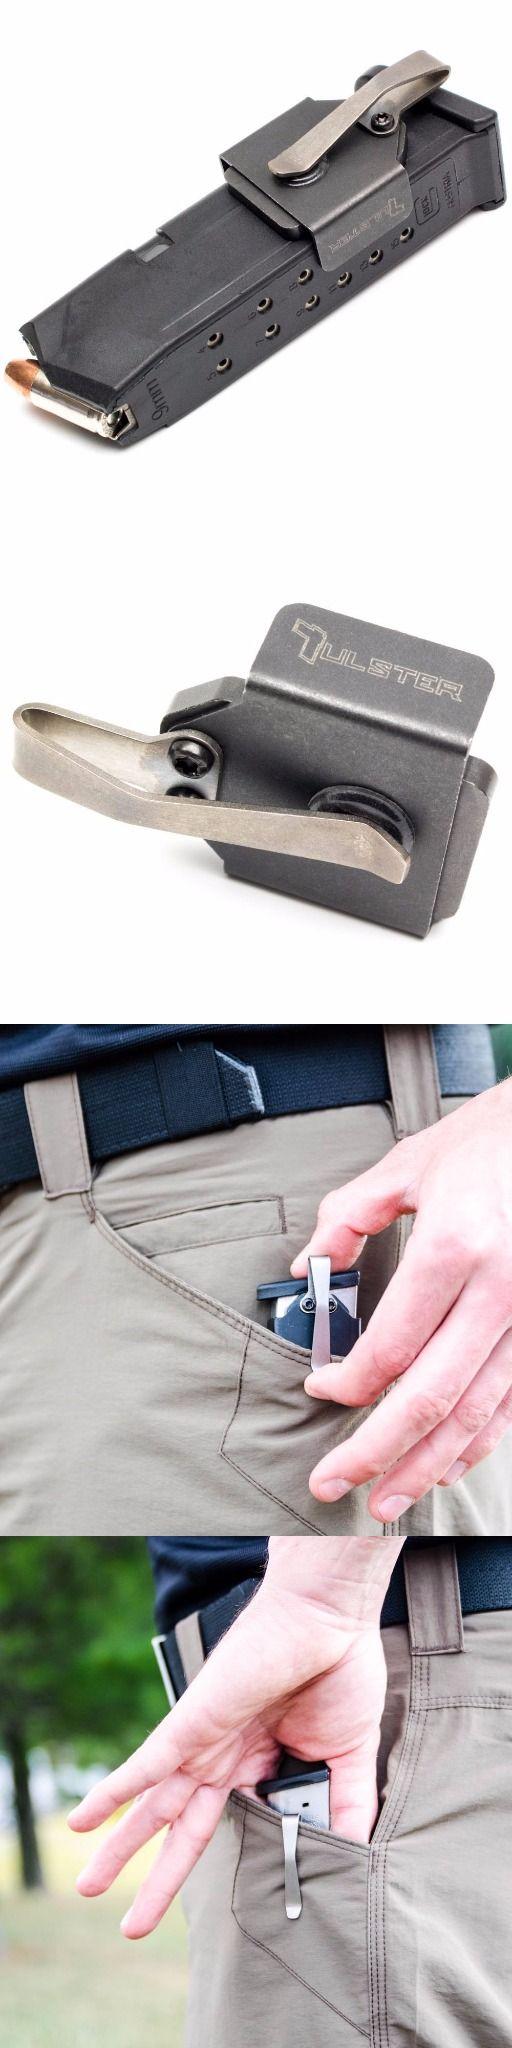 NeoMag - Magnetic In-The-Pocket Handgun Pistol Firearm Magazine Holder